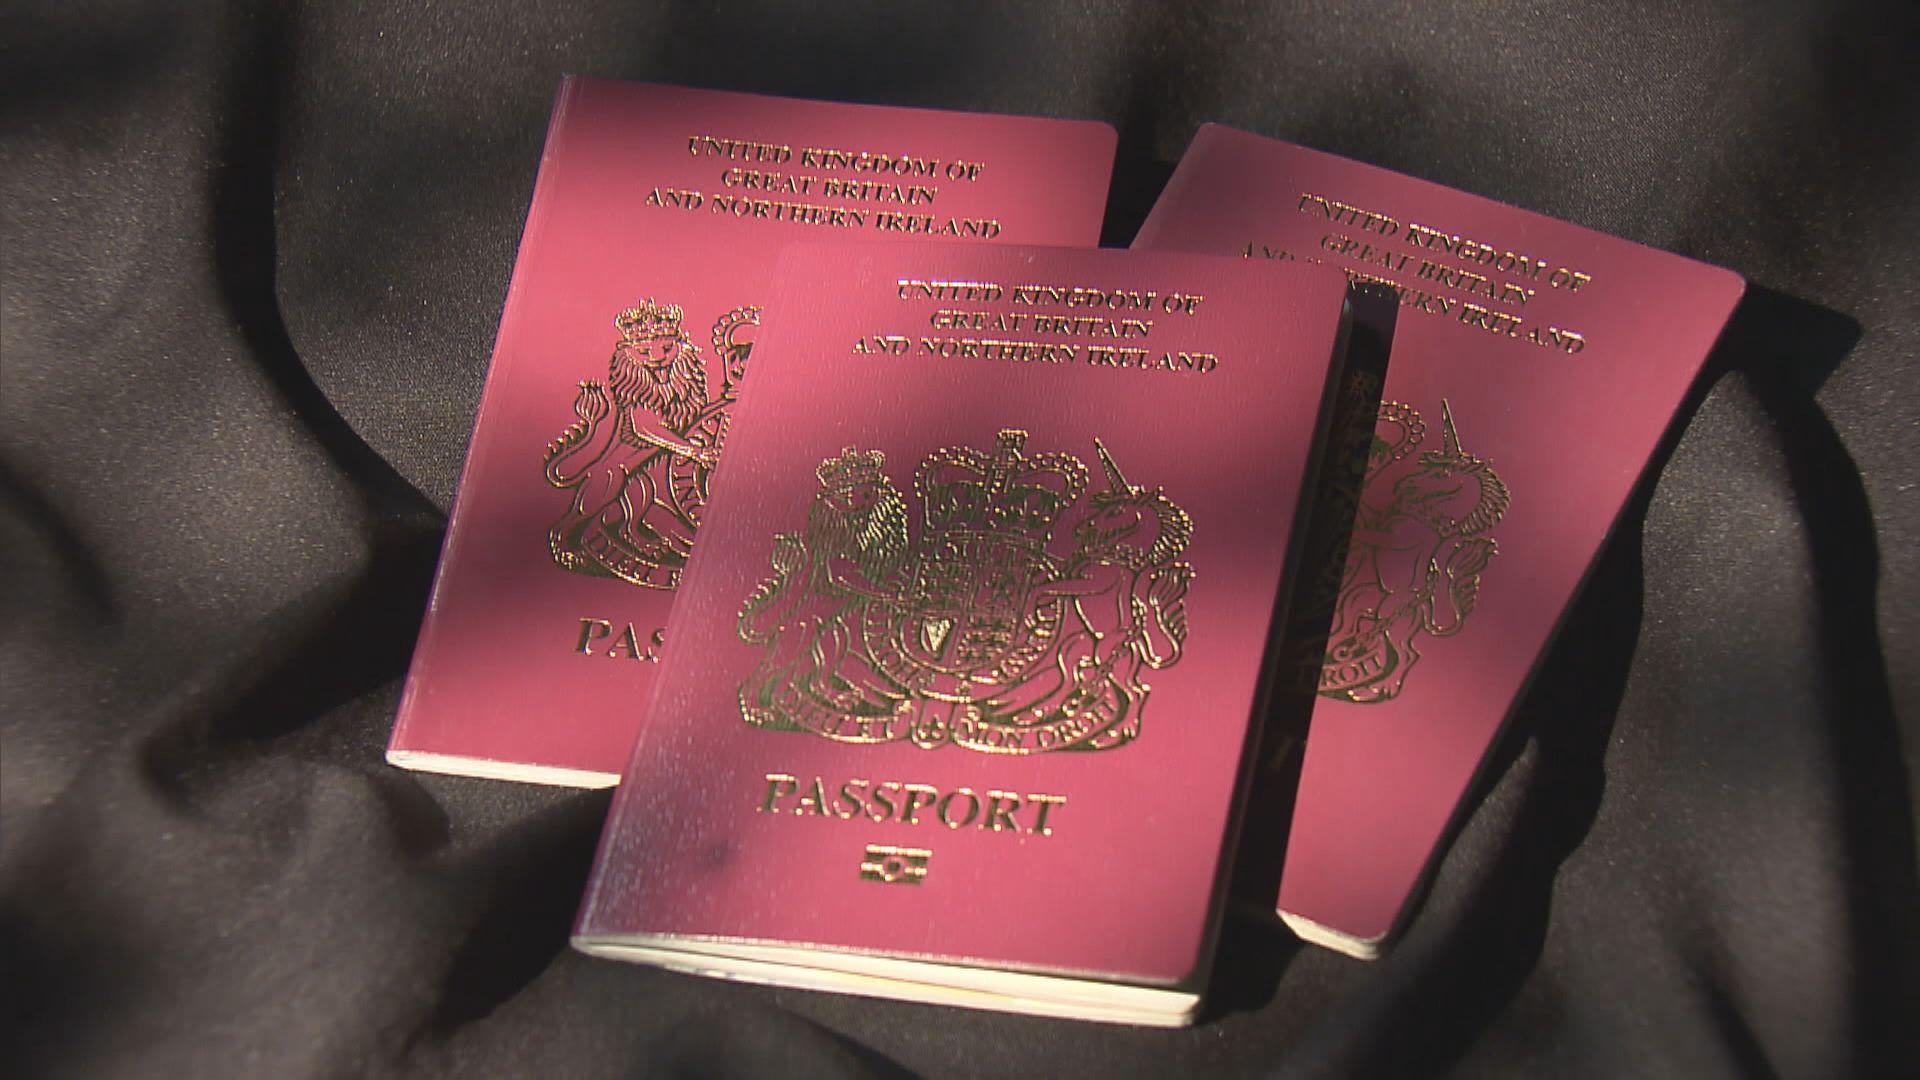 外交部:考慮不承認BNO護照為有效旅行證件